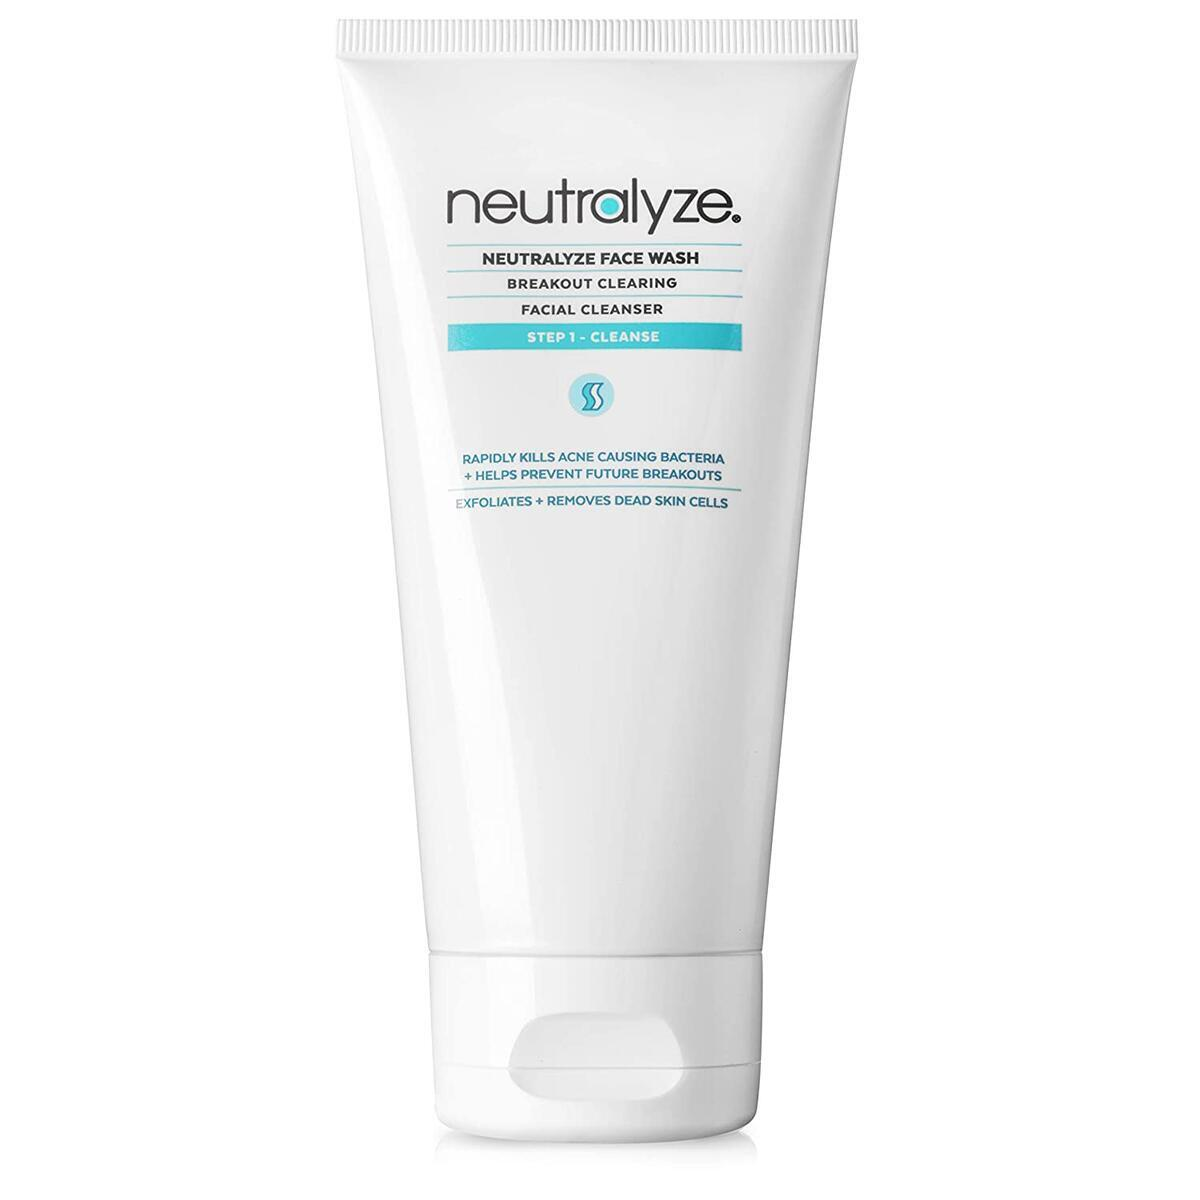 Neutralyze Acne Face Wash - Maximum Strength Face Wash For Acne Prone Skin With 2% Salicylic Acid + 1% Mandelic Acid (5.0 oz)